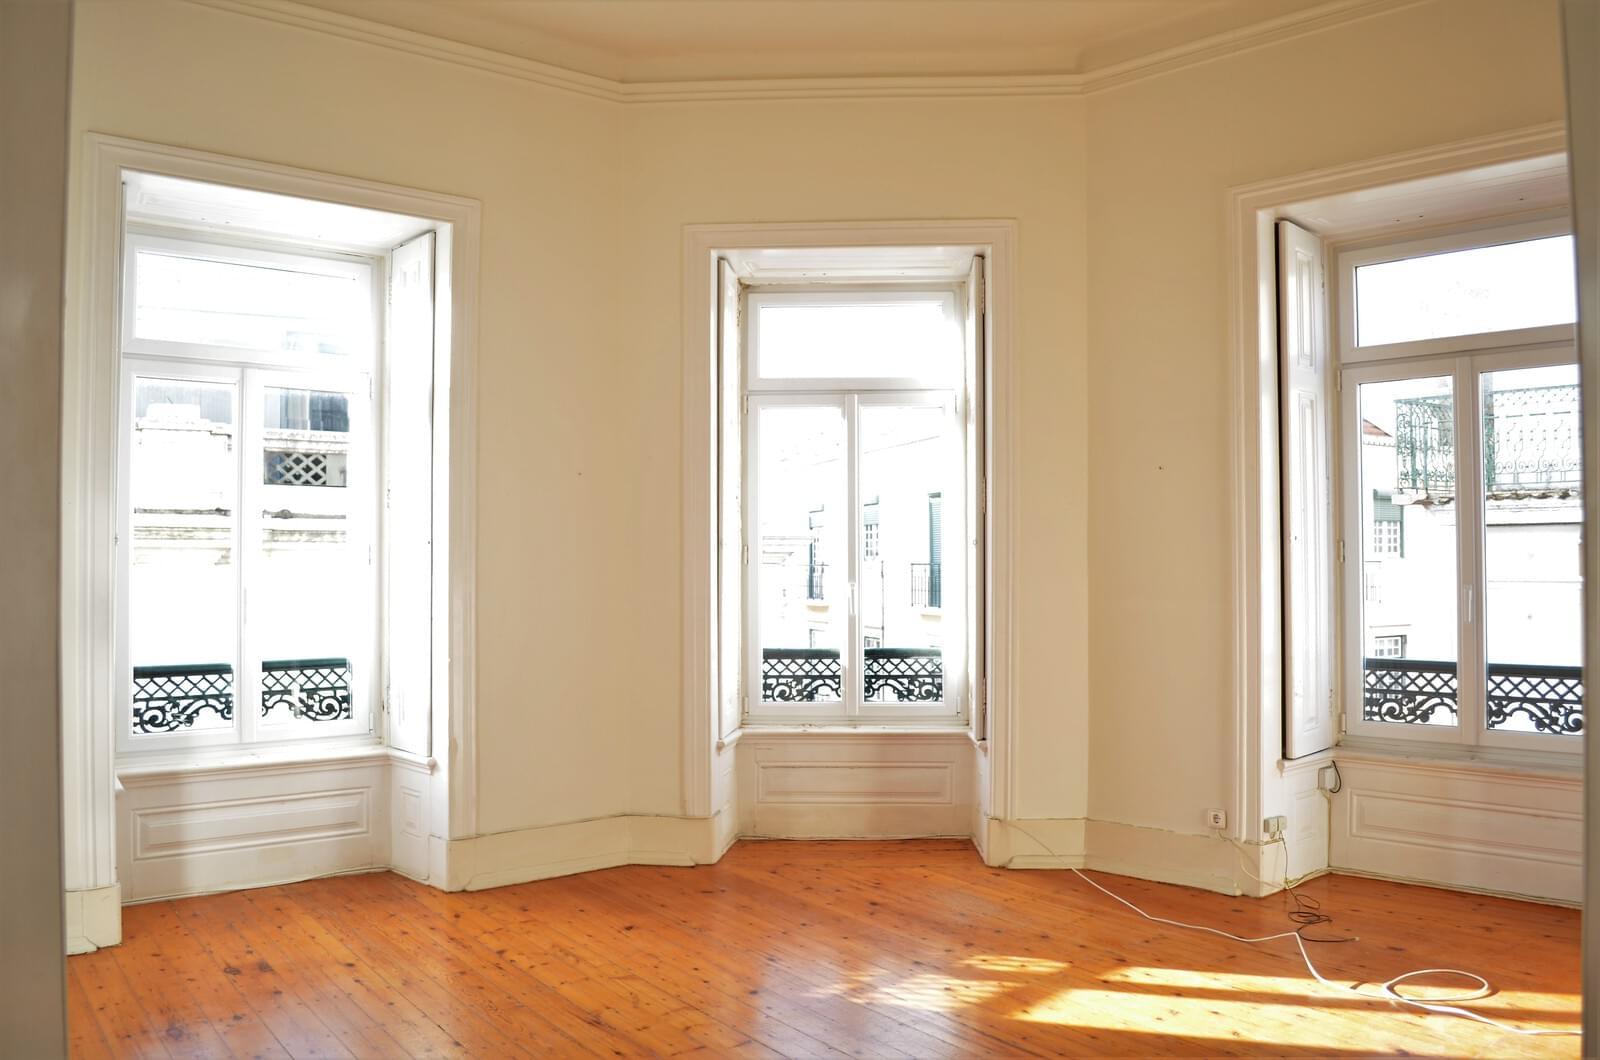 pf18621-apartamento-t4-lisboa-719a347c-0216-4882-95b5-a75a16bec480